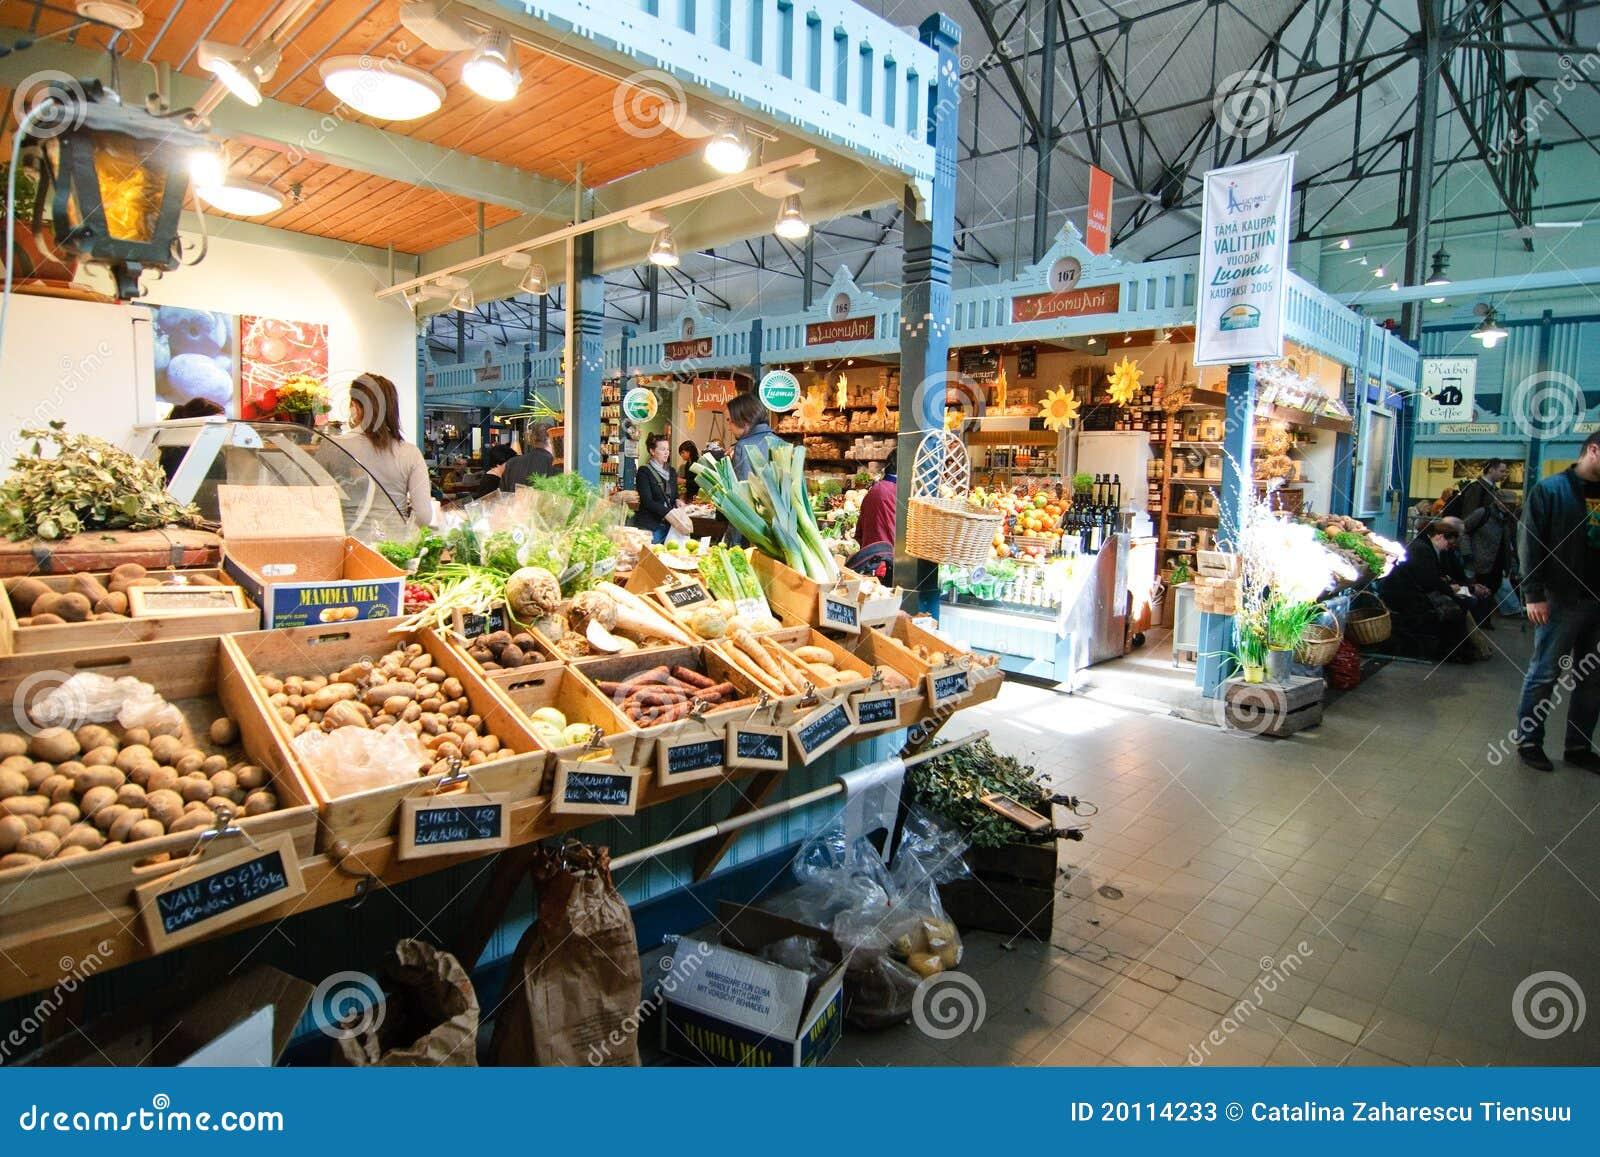 Marketplace Suomi